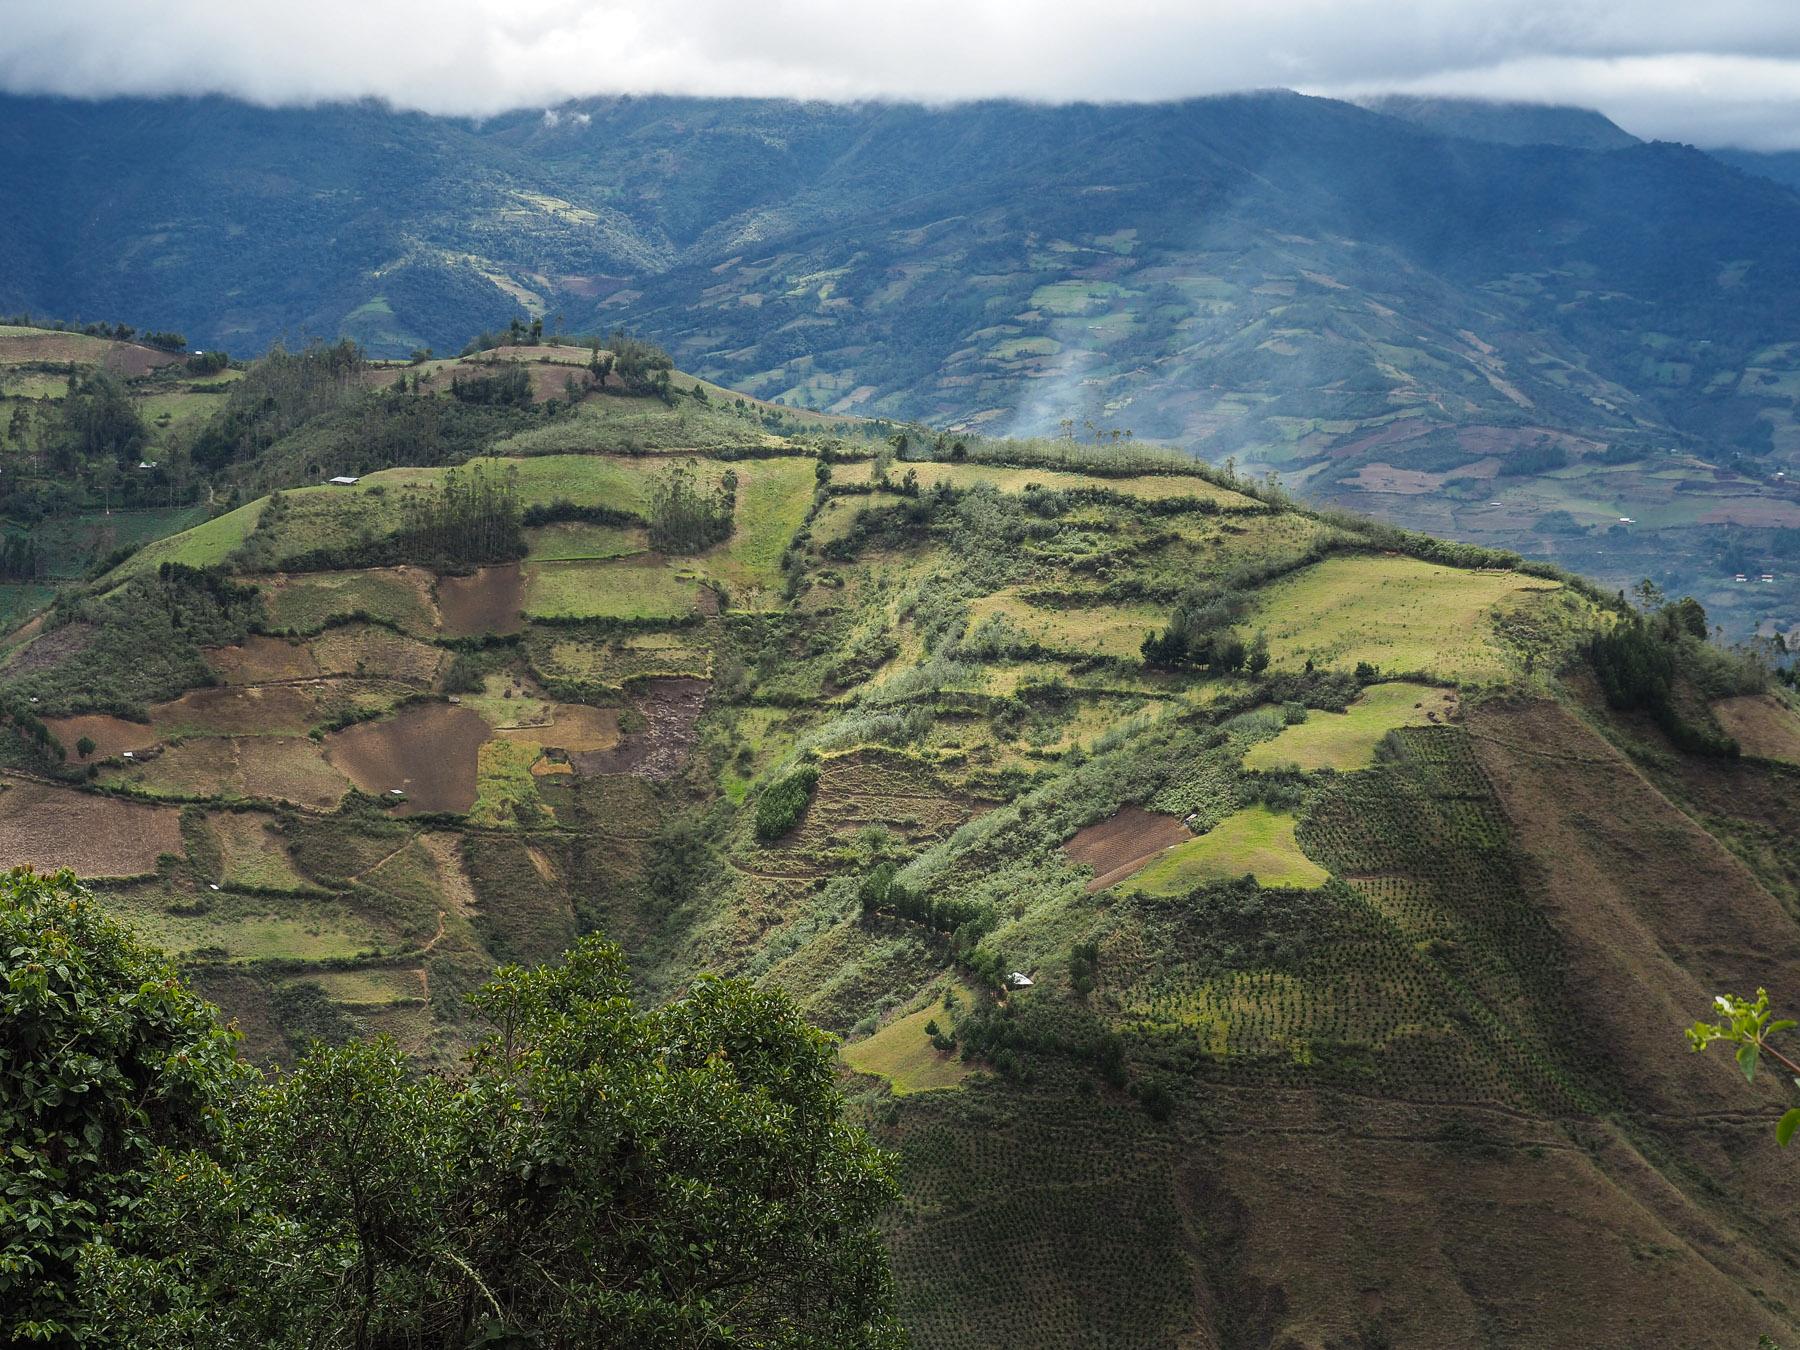 Landwirtschaft nicht in den engen Tälern sondern hoch oben auf den Berghängen